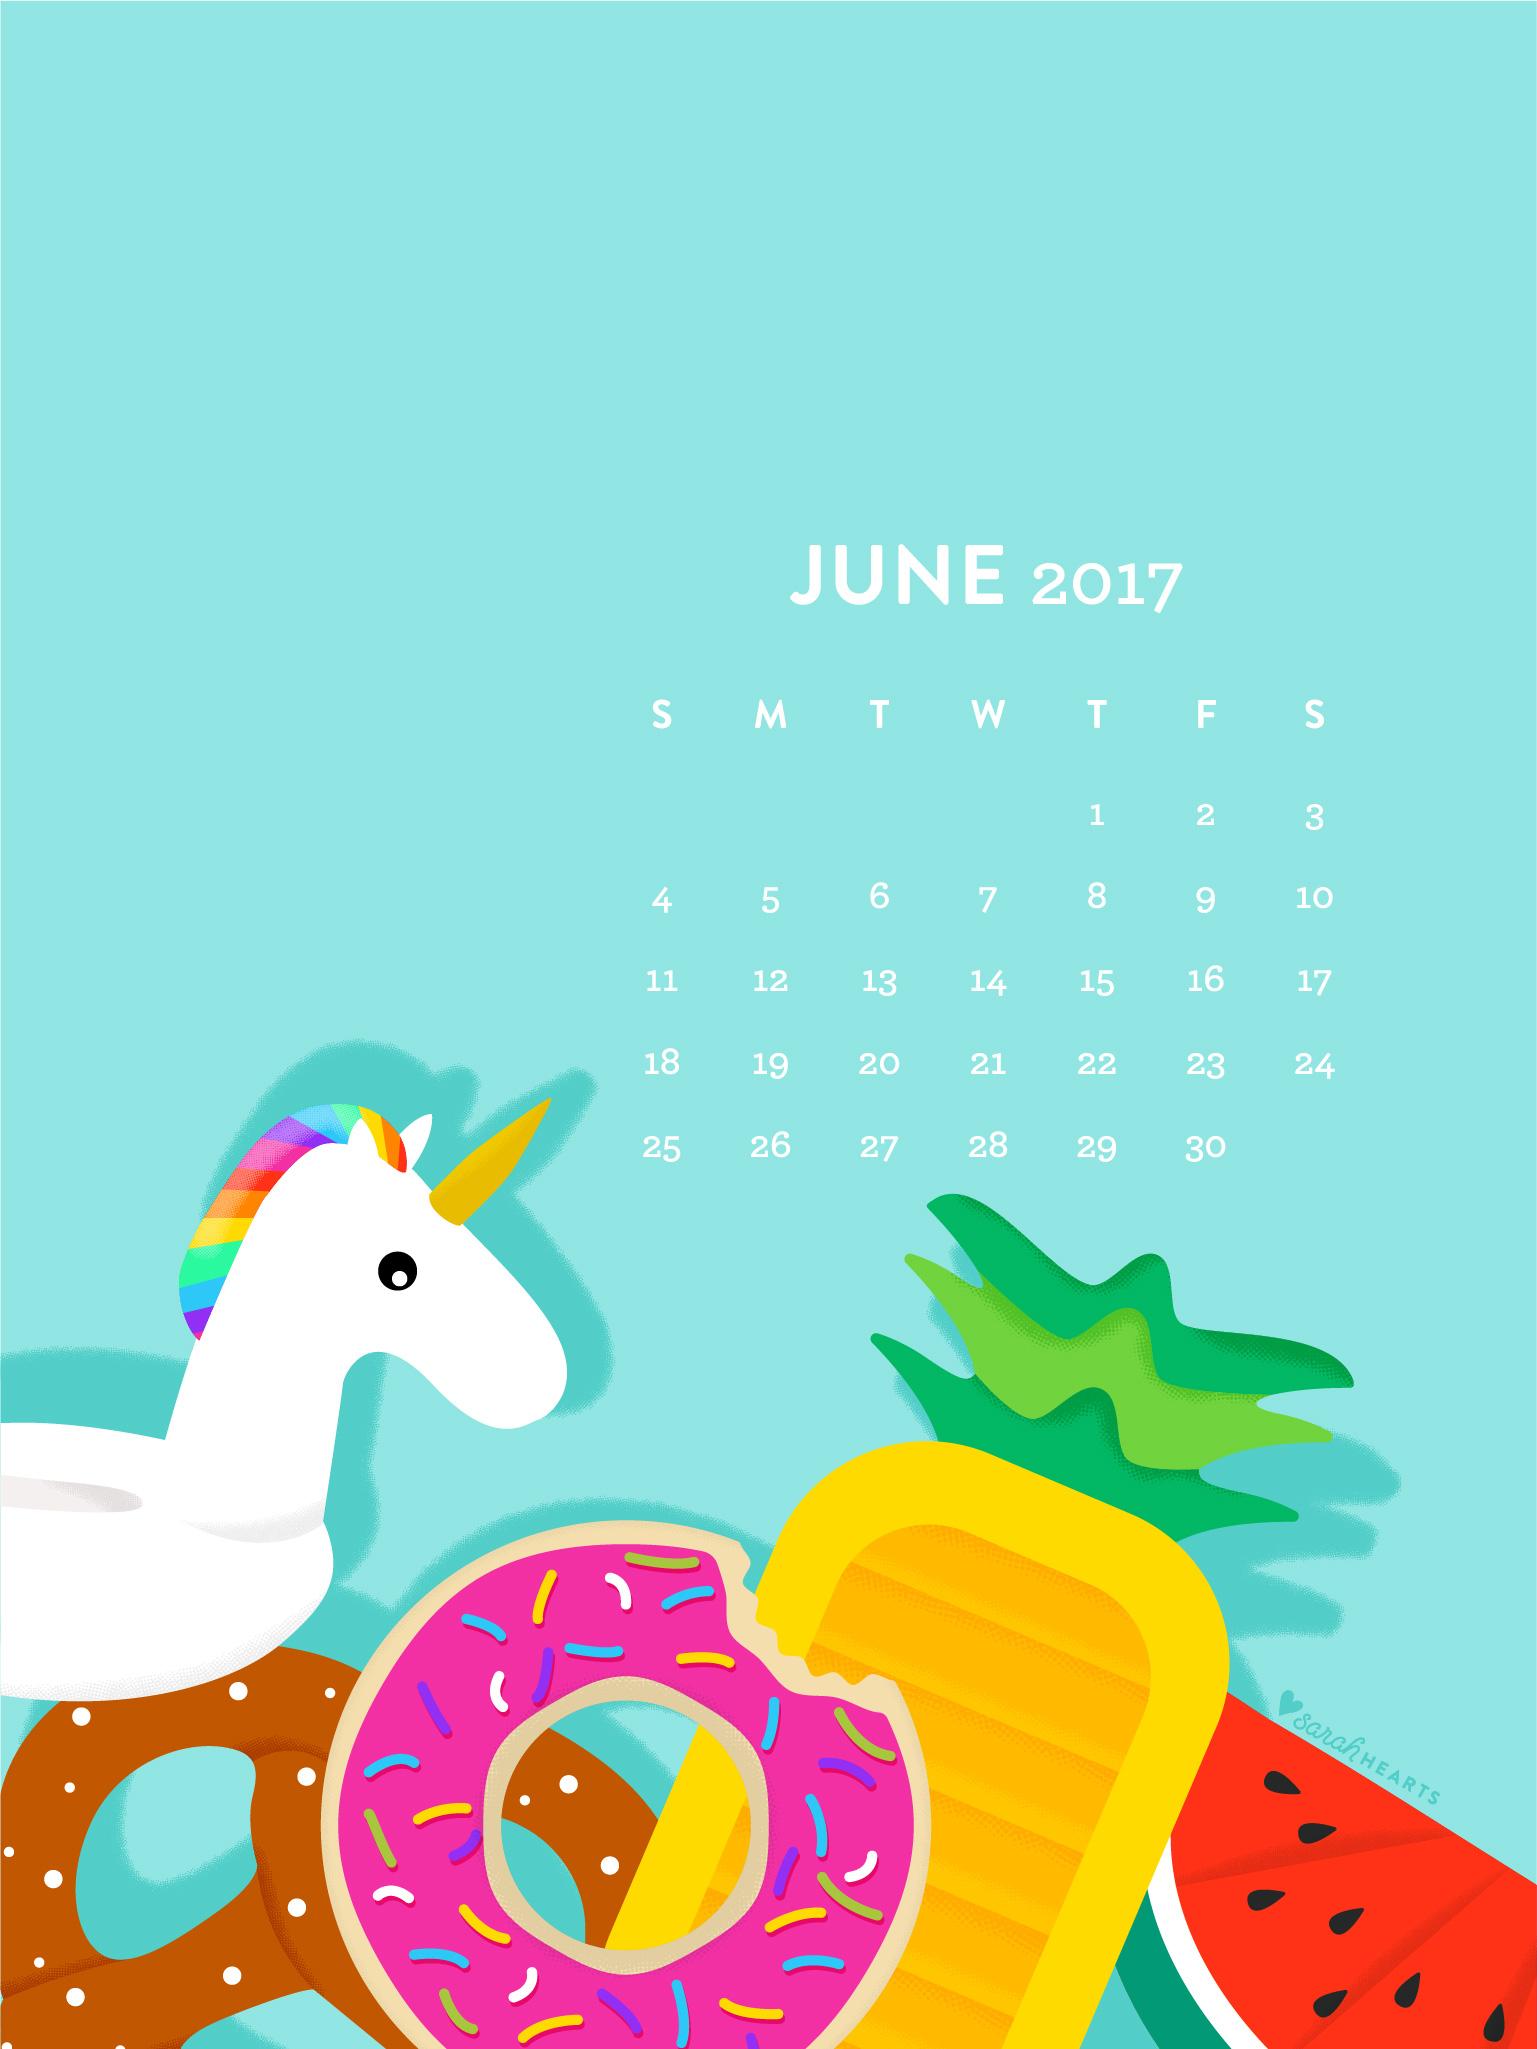 Cute Cheer Wallpapers June 2017 Pool Float Calendar Wallpaper Sarah Hearts